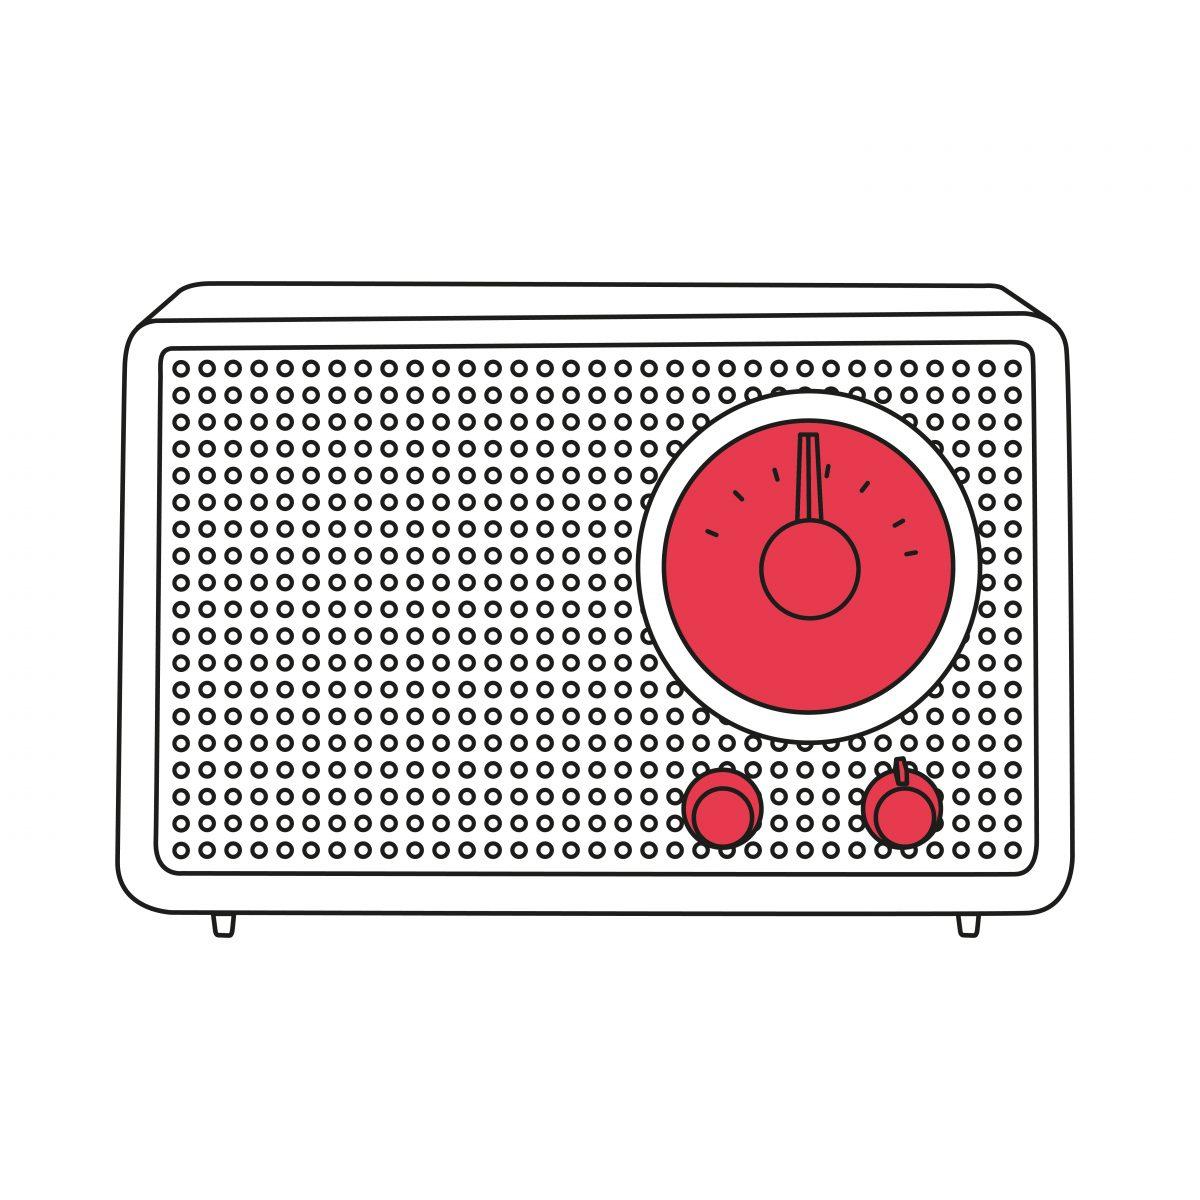 Arthur Braun, Fritz Eichler, Radio SK 2/2, 1959, Braun AG, Kronberg/Taunus, Zeichnung: Carla Nagel